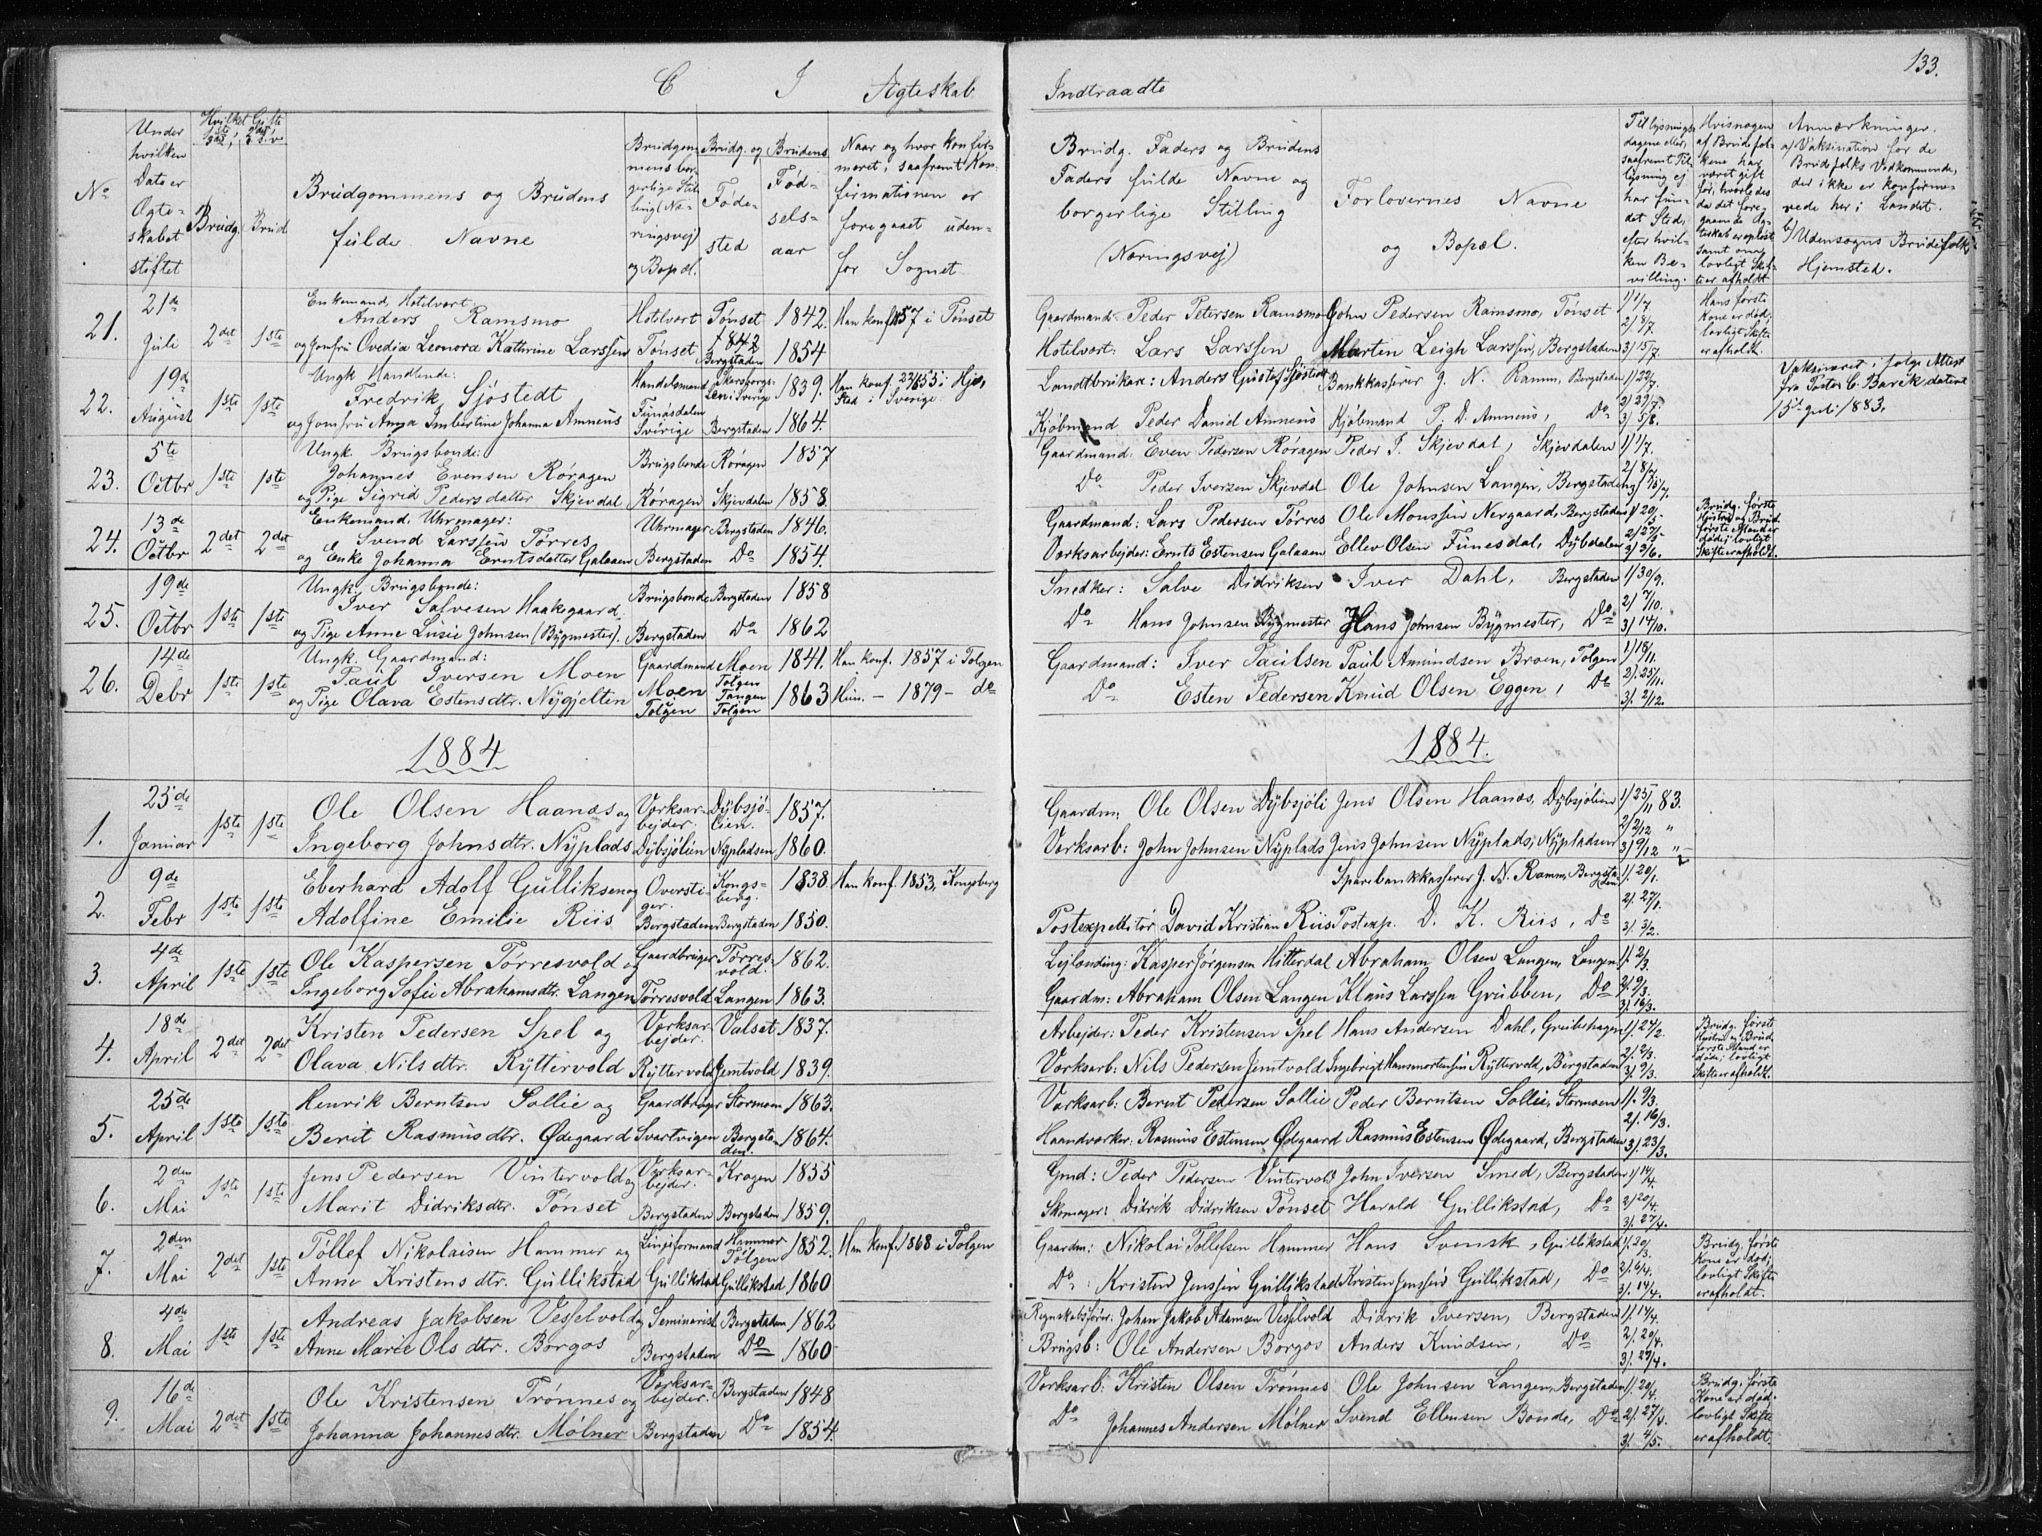 SAT, Ministerialprotokoller, klokkerbøker og fødselsregistre - Sør-Trøndelag, 681/L0940: Klokkerbok nr. 681C04, 1880-1895, s. 133